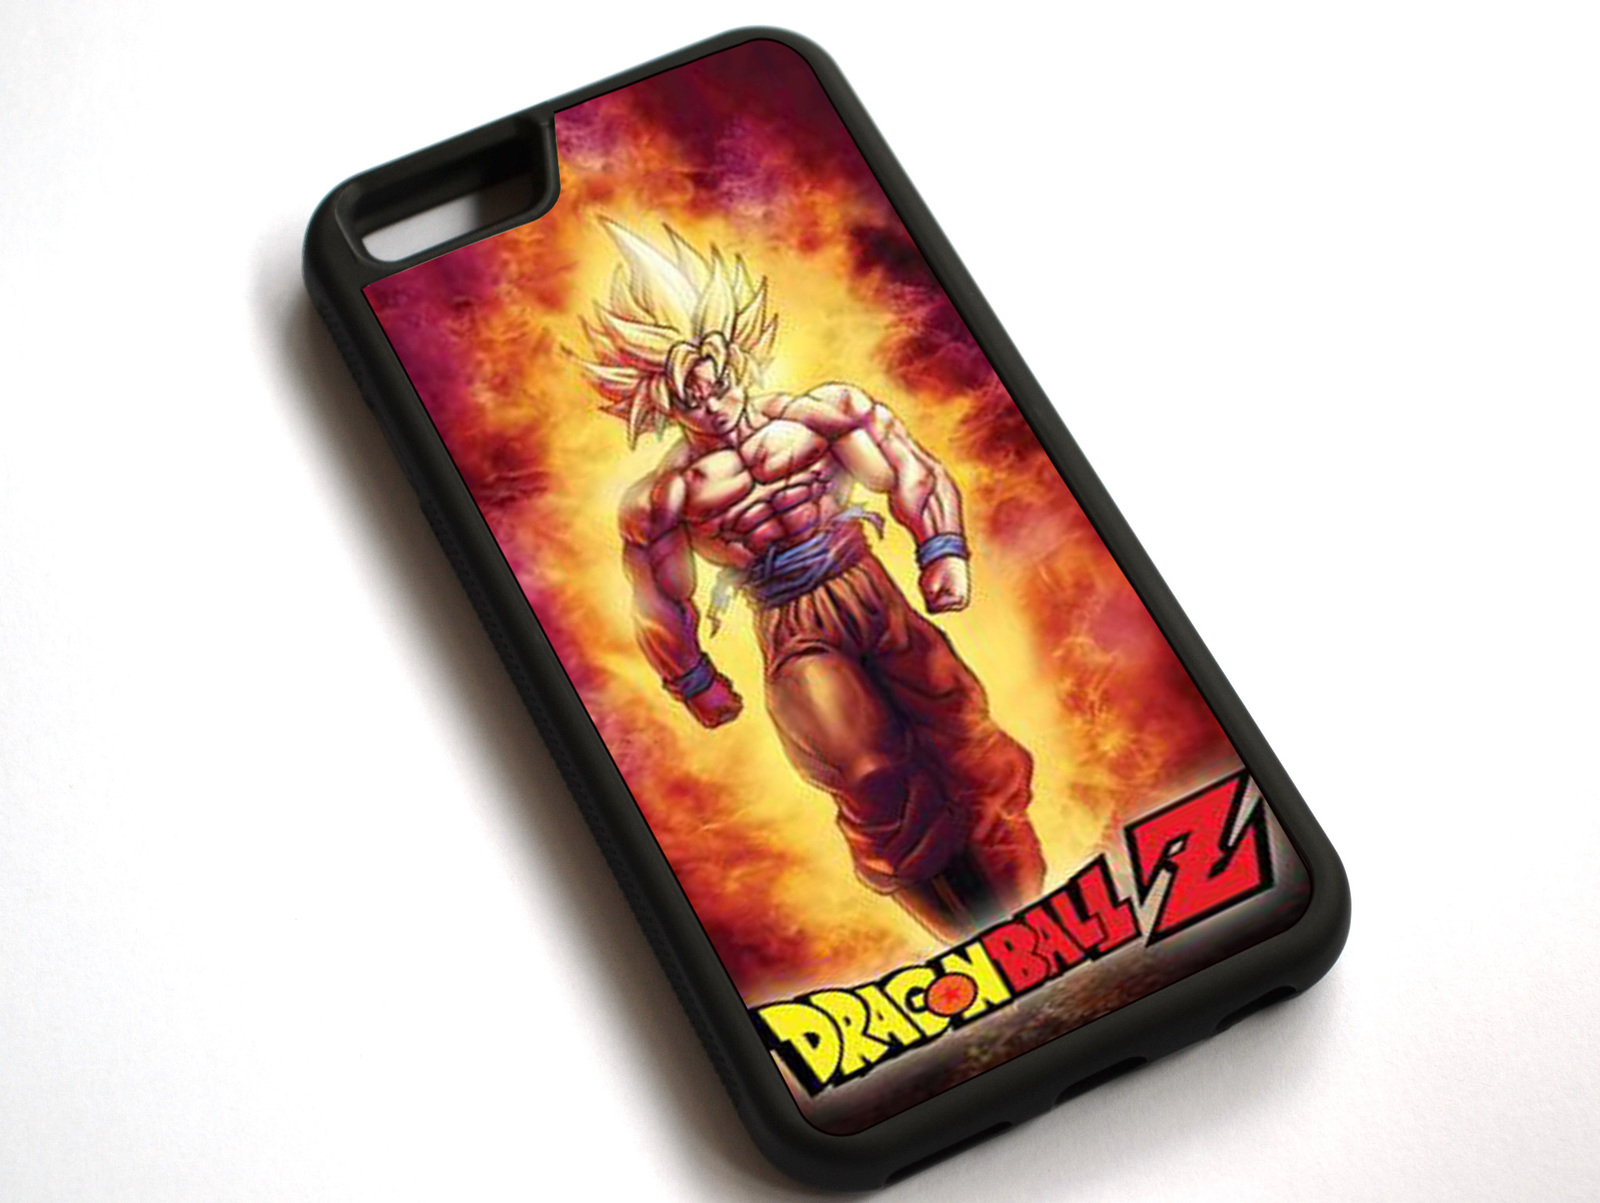 Dragon Ball Z Son Goku Case Cover For Apple iphone 6 (4.7